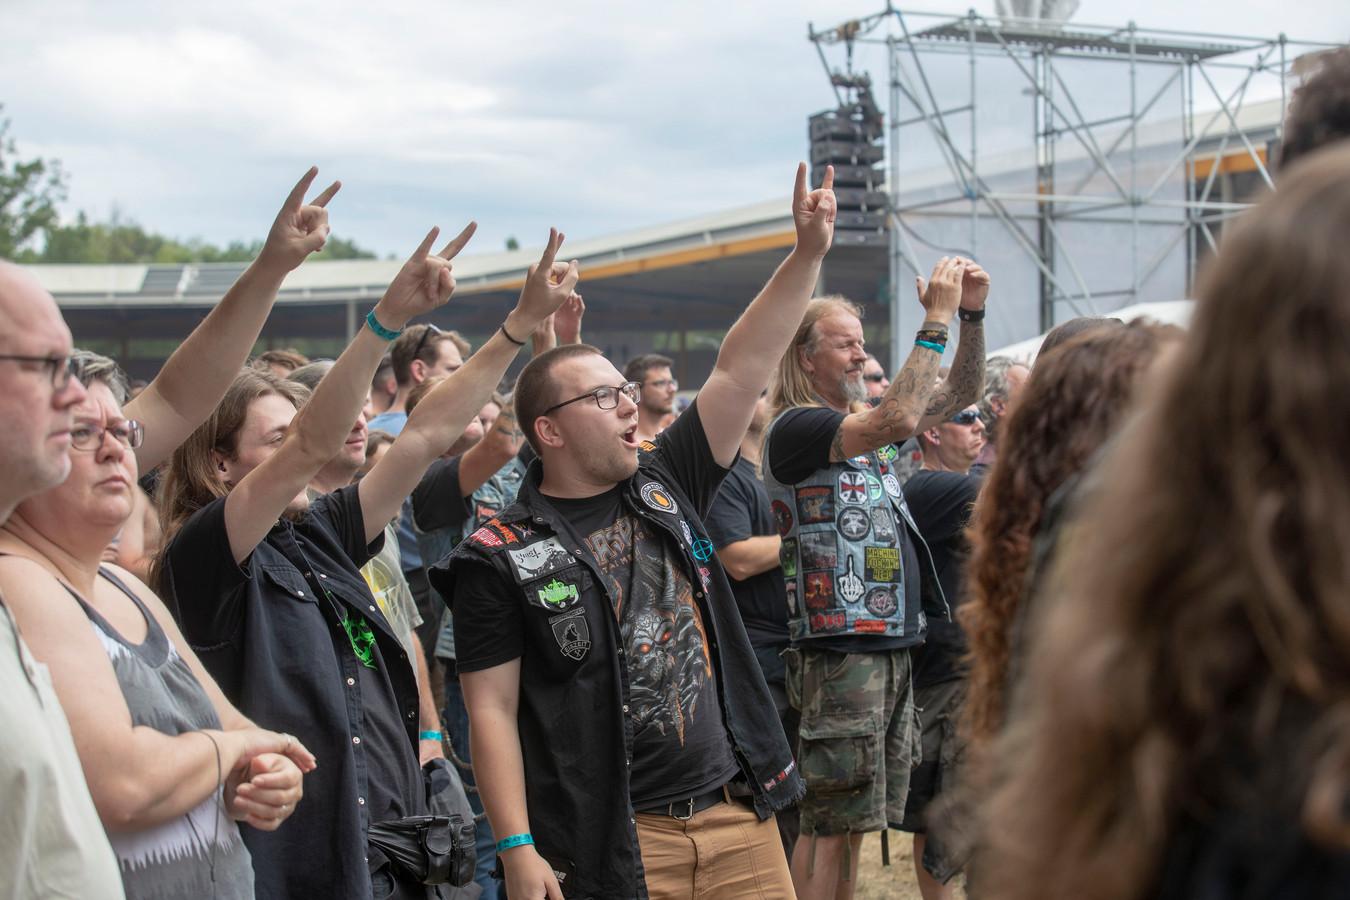 Fans maken het bekende 'heavy metal'-gebaar tijdens Dynamo Metal Fest in 2019.